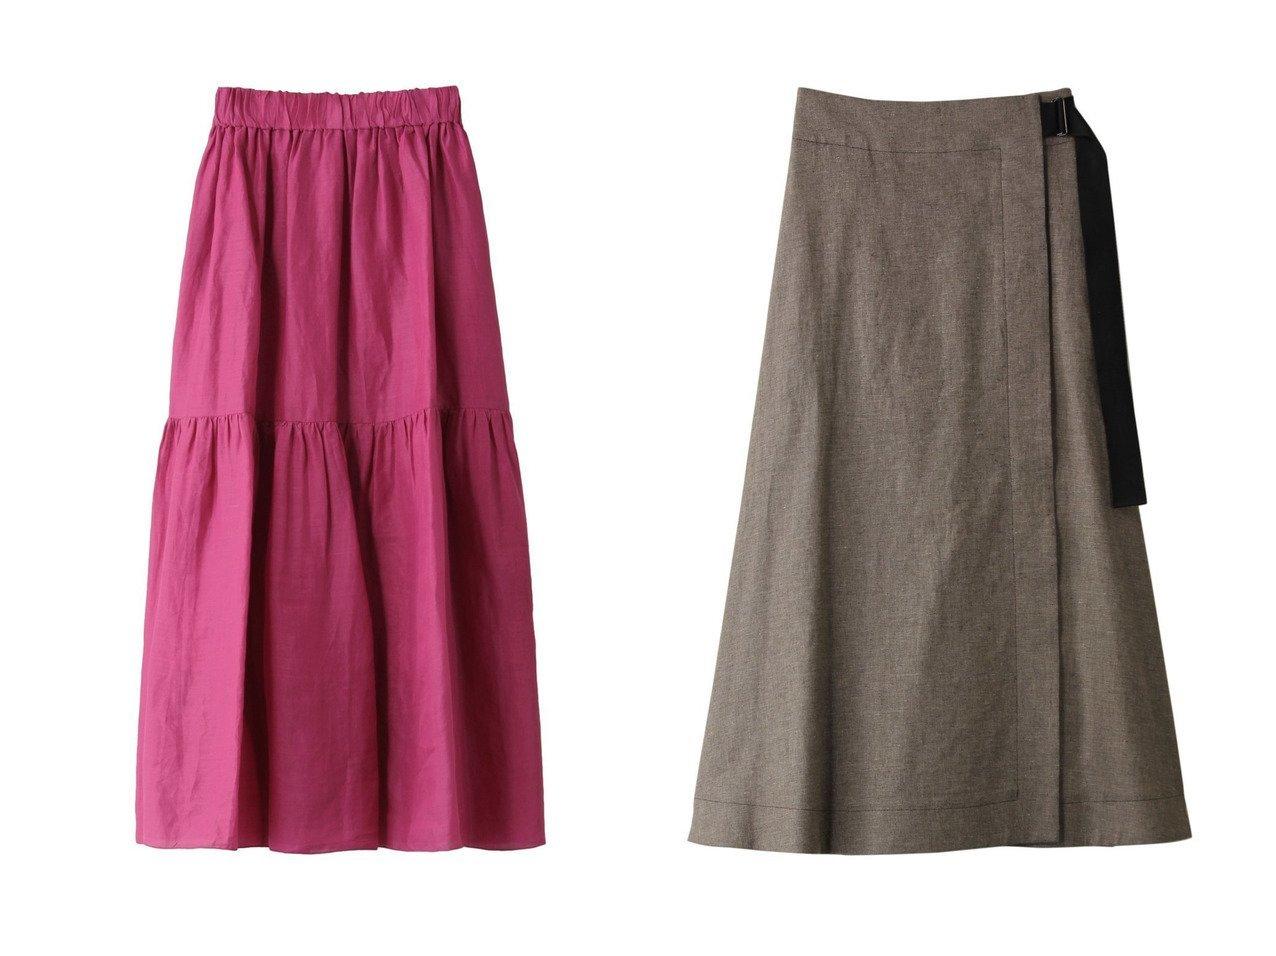 【SACRA/サクラ】のラミーローンティアードスカート&リネンコットンシャンブレーラップスカート 【スカート】おすすめ!人気、トレンド・レディースファッションの通販 おすすめで人気の流行・トレンド、ファッションの通販商品 メンズファッション・キッズファッション・インテリア・家具・レディースファッション・服の通販 founy(ファニー) https://founy.com/ ファッション Fashion レディースファッション WOMEN スカート Skirt ロングスカート Long Skirt ティアードスカート Tiered Skirts S/S・春夏 SS・Spring/Summer トレンド ネップ フレア ラップ ロング 春 Spring ティアードスカート フェミニン |ID:crp329100000029123